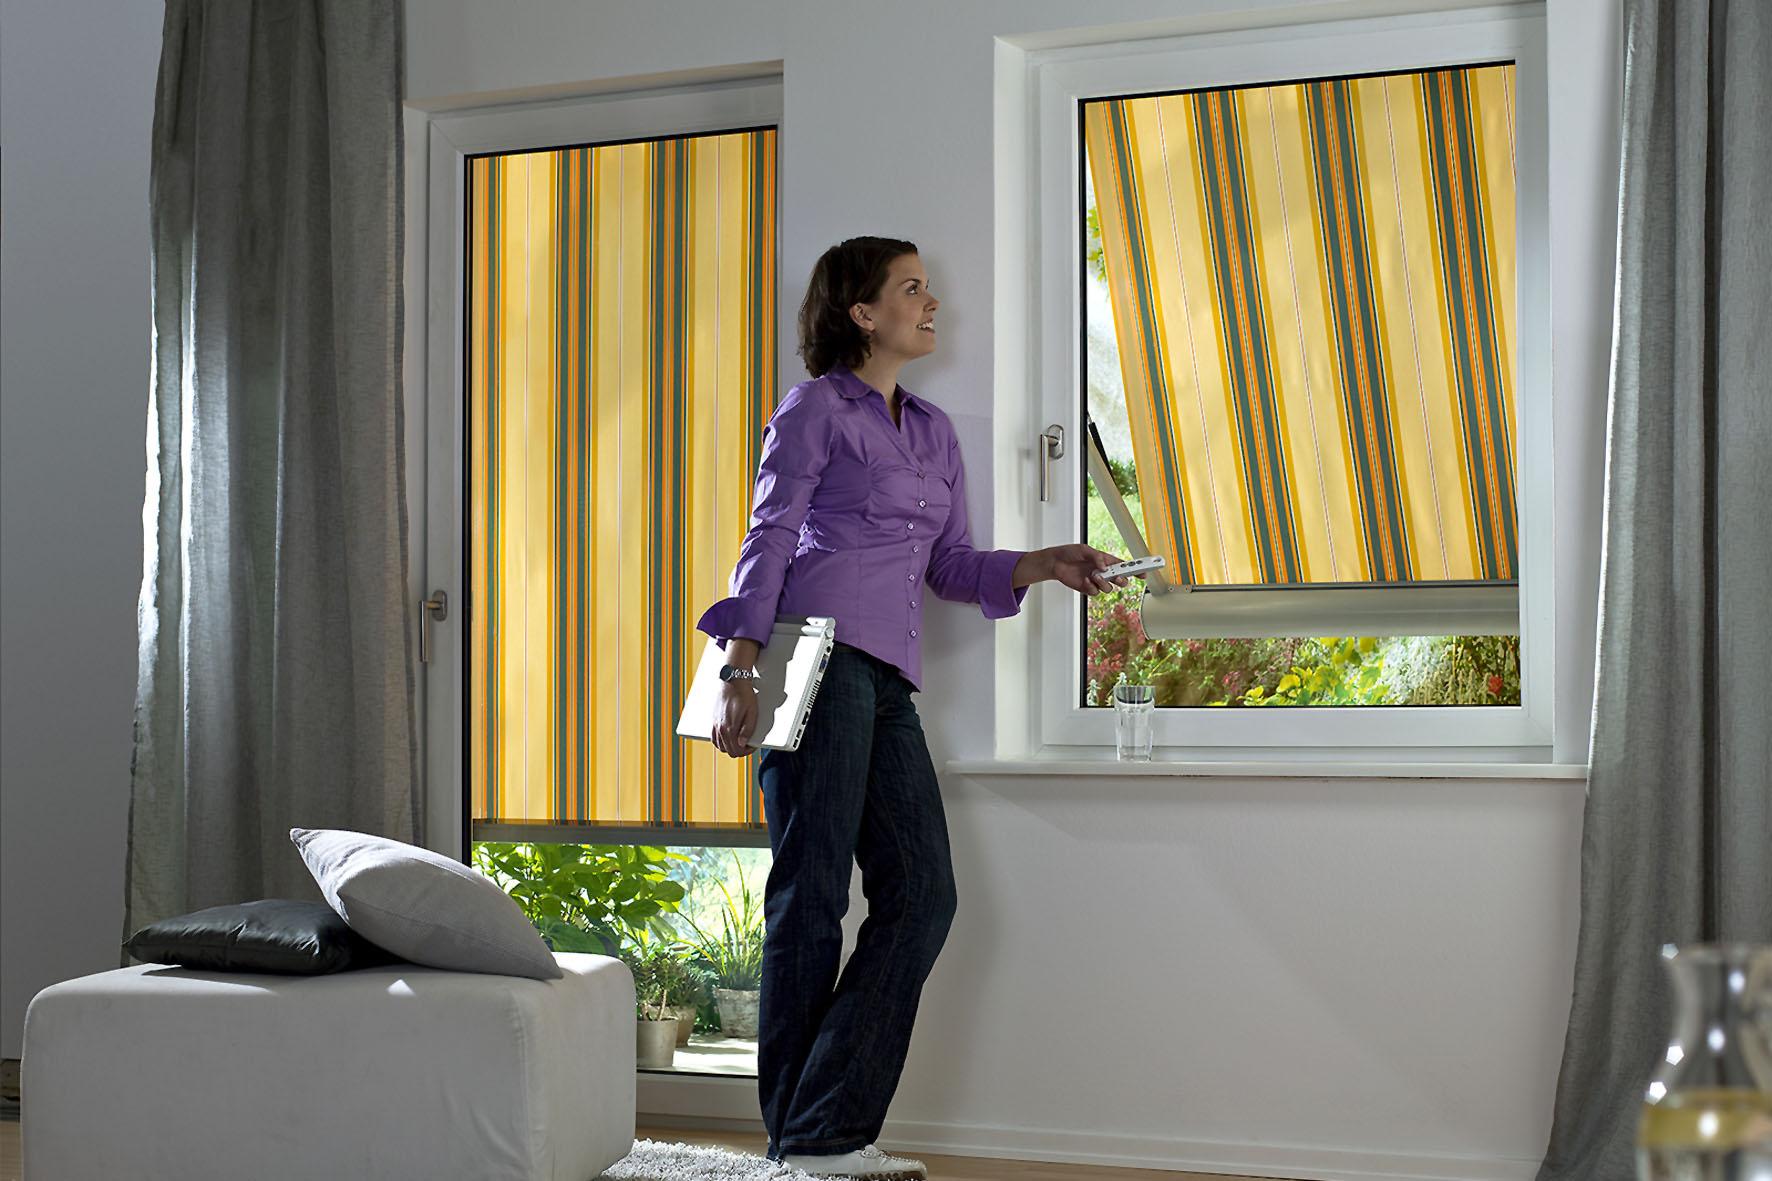 Sonnenschutz senkt Klimatisierungskosten